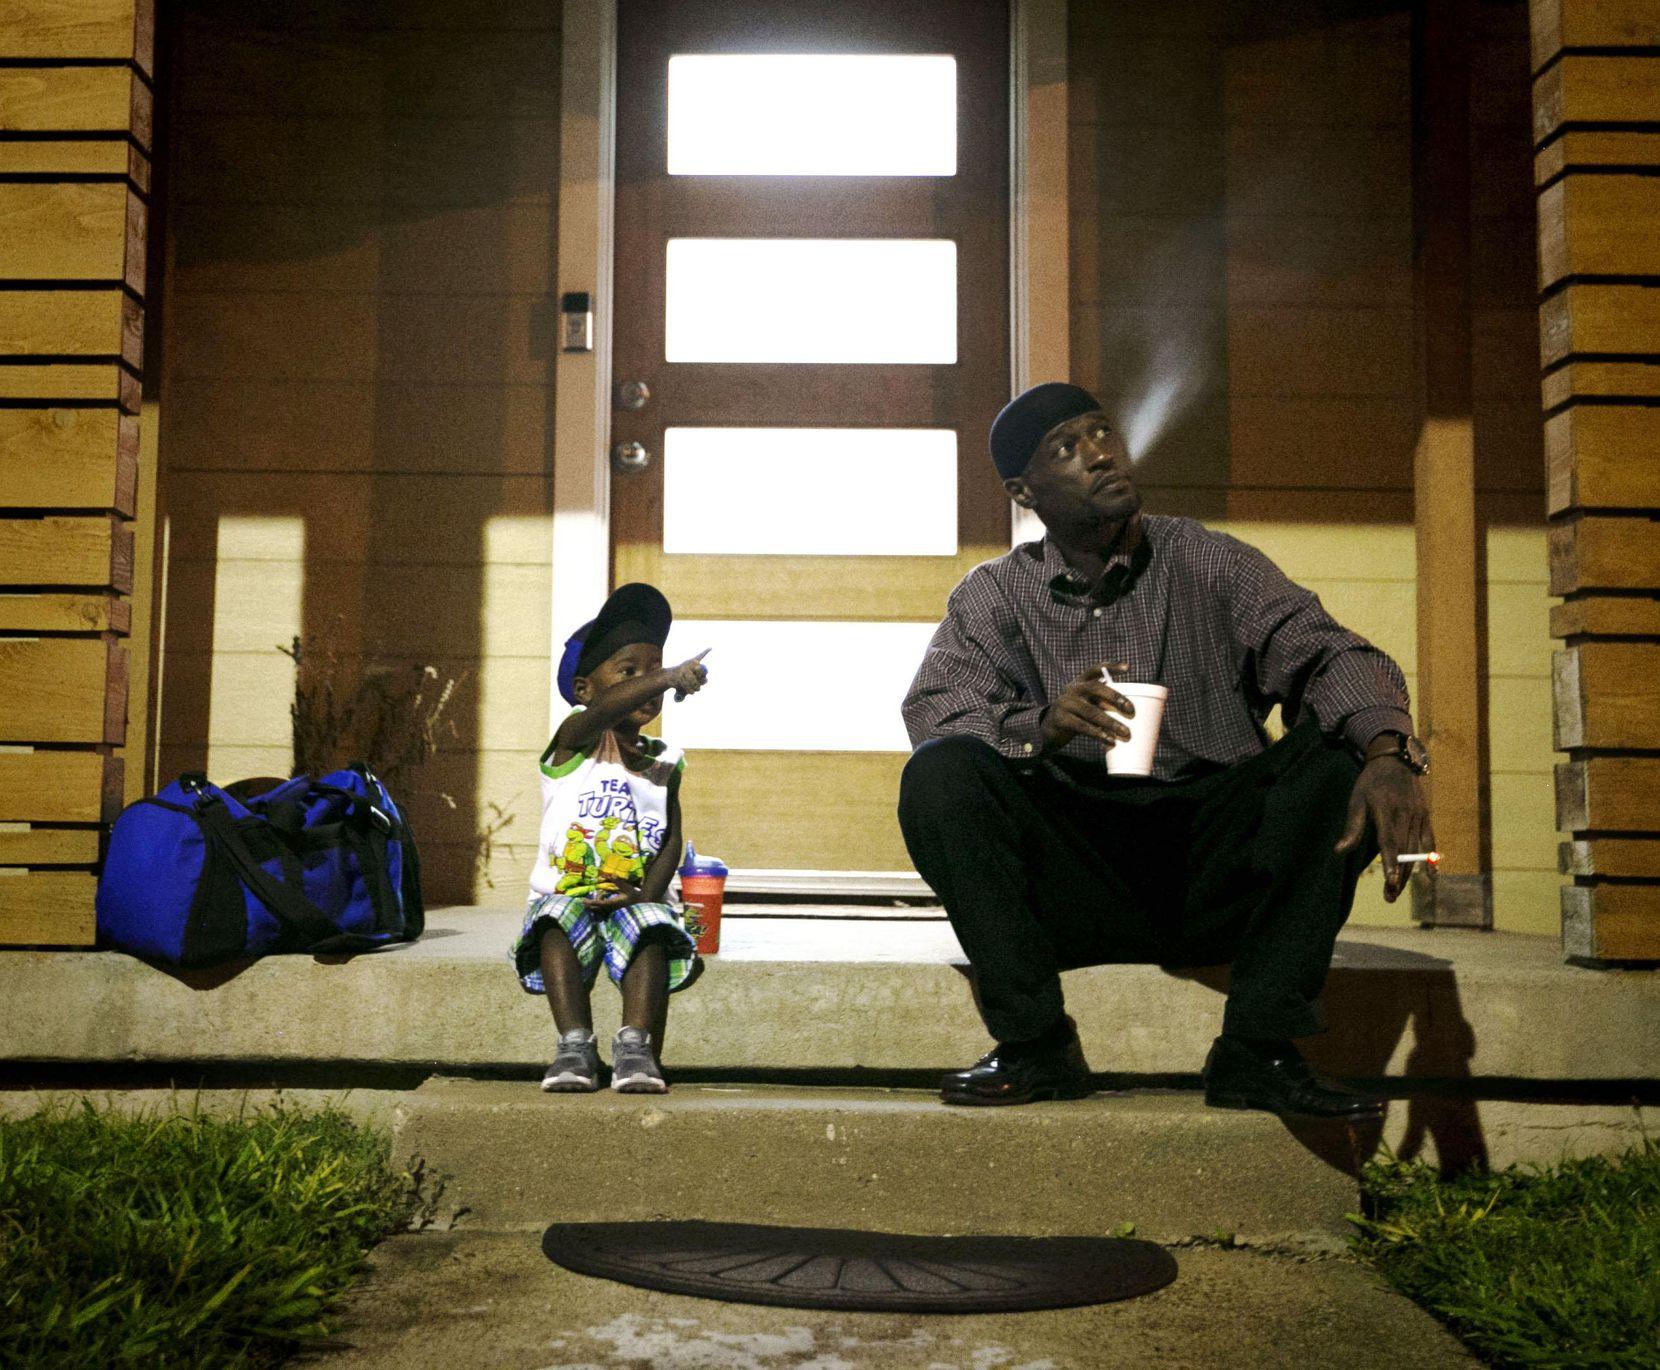 En julio, Joshua Miller y su hijo Jordan vivían en el refugio para hombre Family First. Madrugaban a la 5 a.m. para que Jordan sea llevado a una guardería. DMN